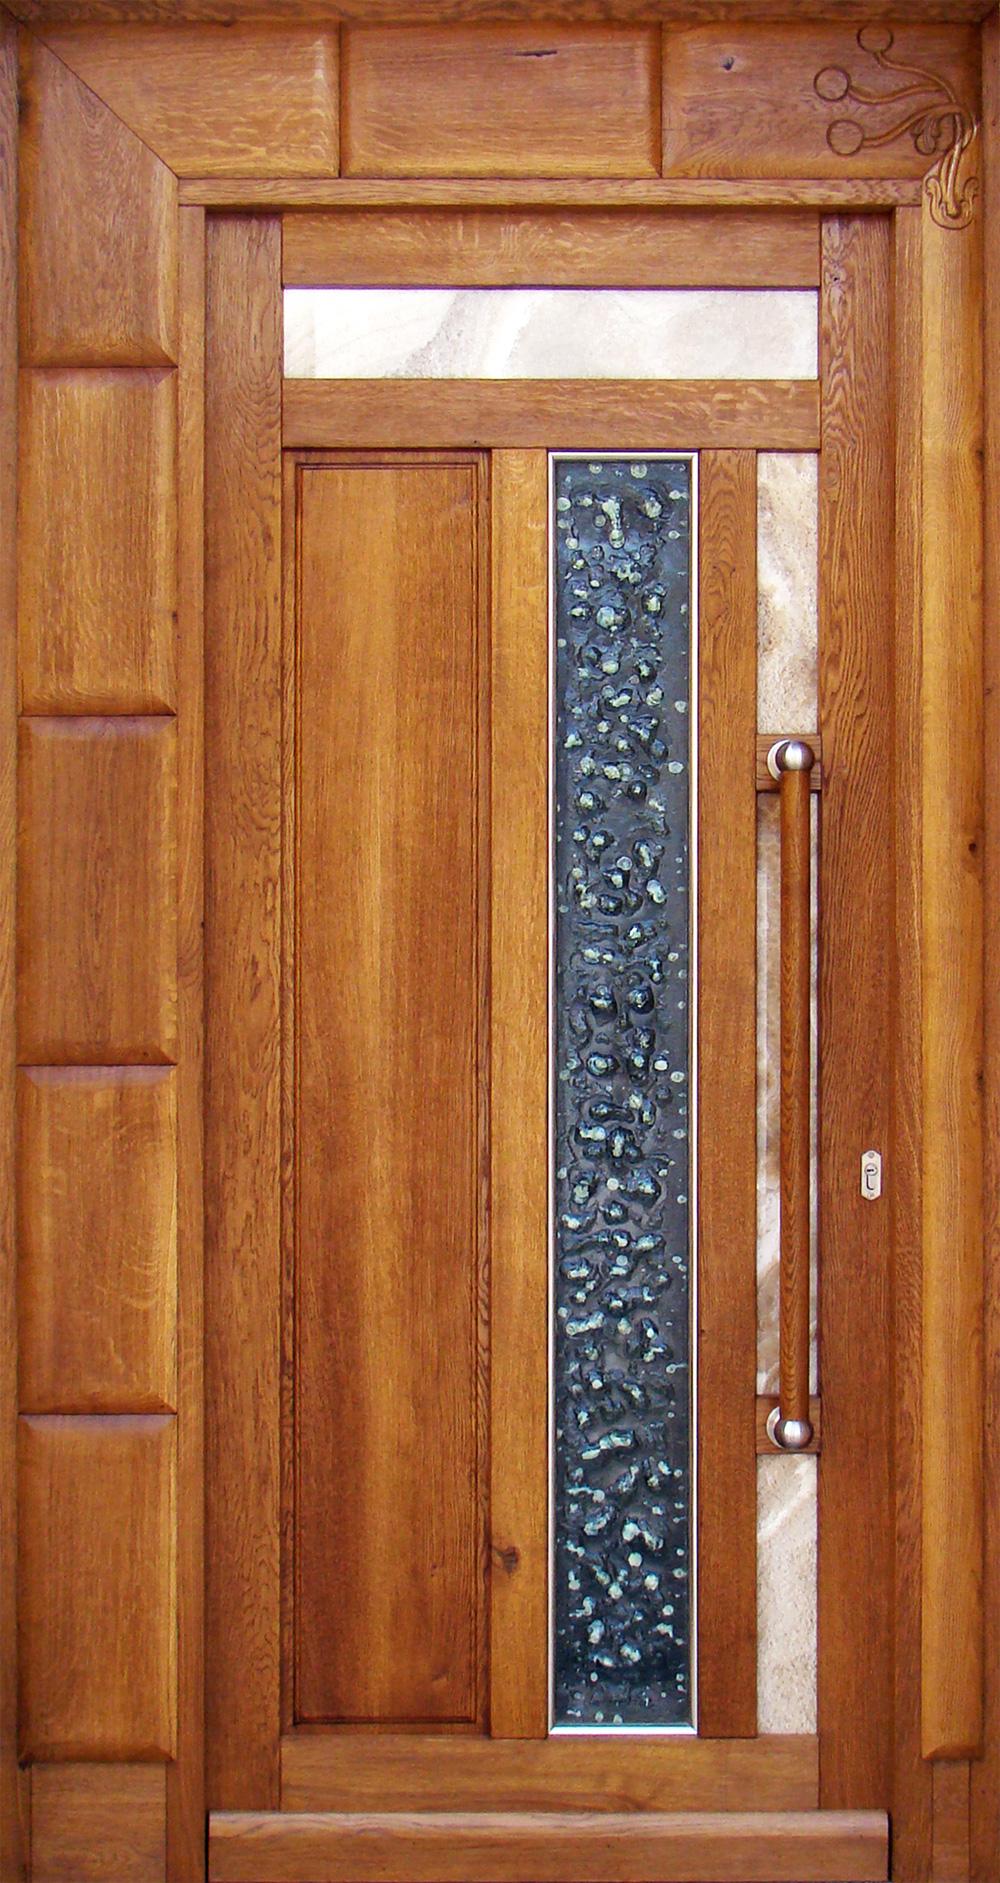 Puertas en valera de abajo ventana europea with puertas - Puertas valera de abajo ...